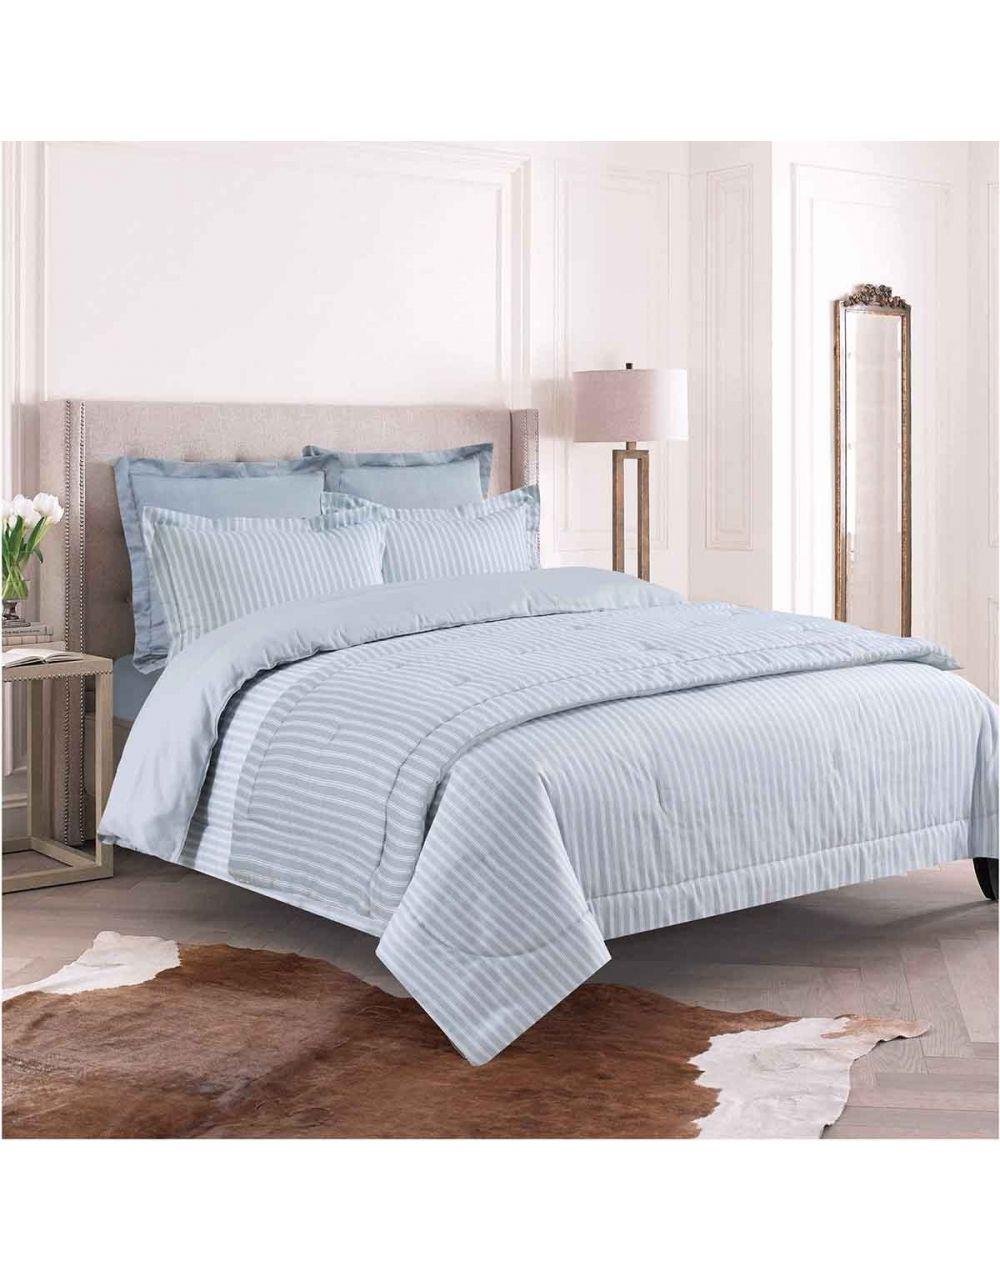 Parure de lit satin de coton 260x240cm + 2 Taies d'oreiller (senseimaison.com)